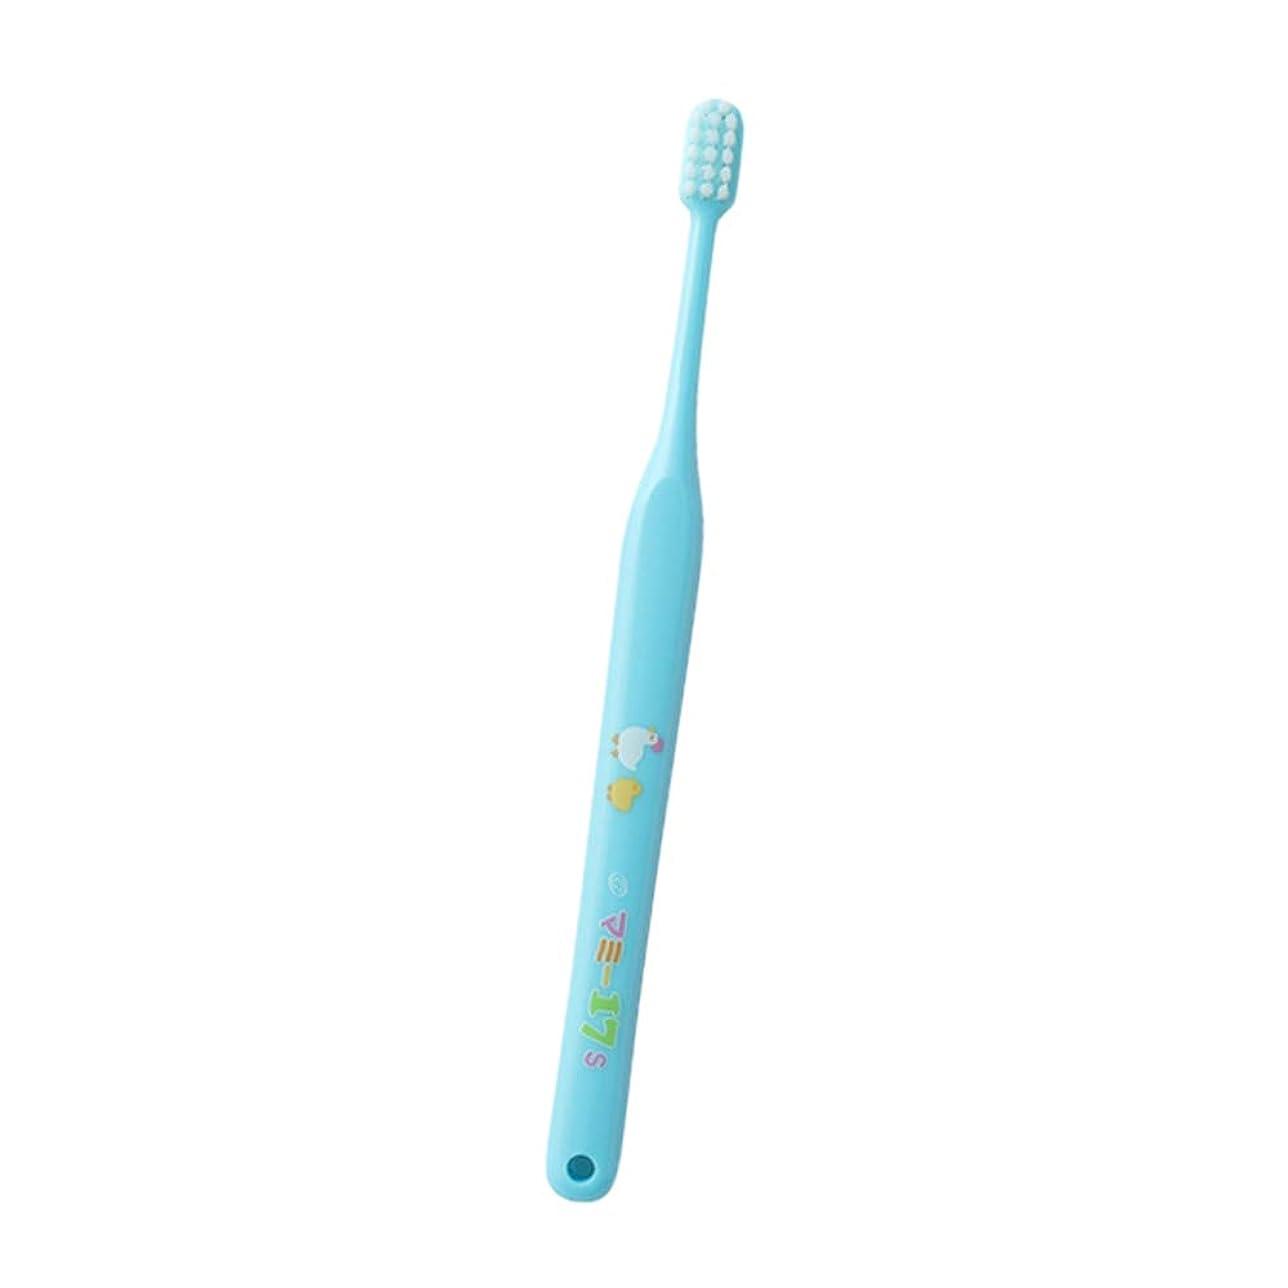 アヒルリーガン熟読するオーラルケア マミー17歯ブラシ 1本 (ソフト(S)ブルー)